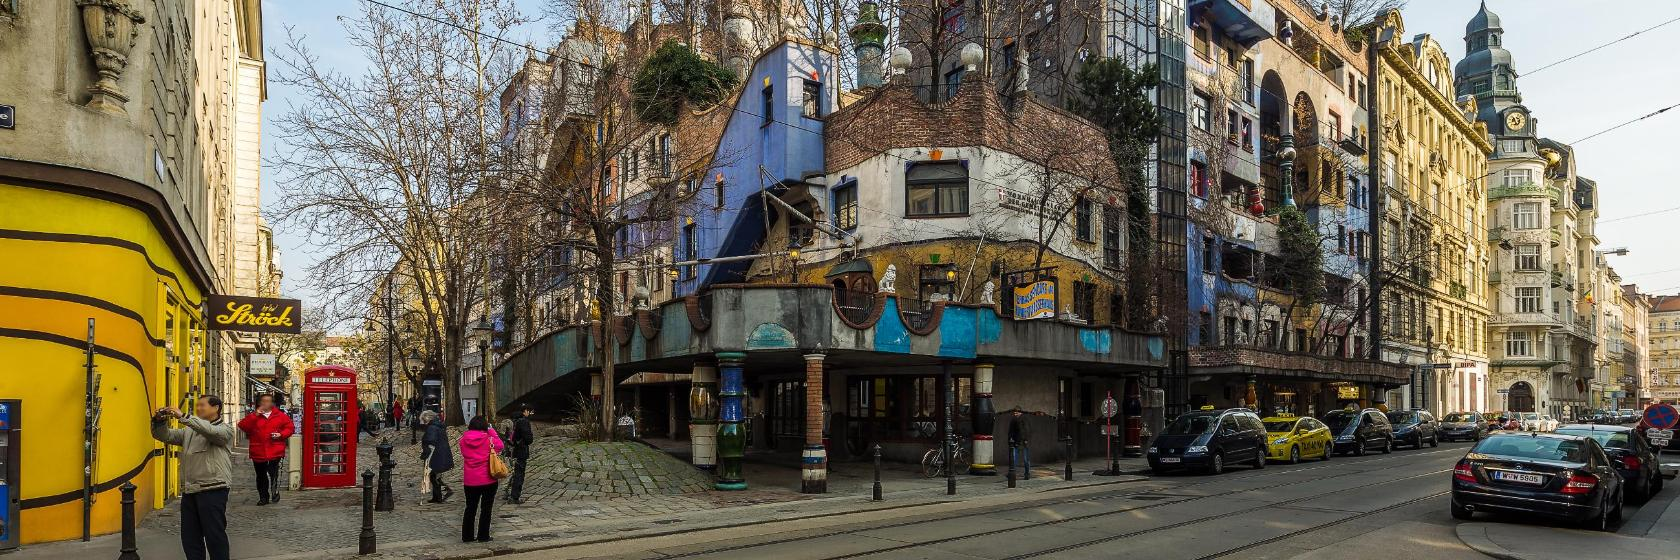 03. Landstraße, Vienna Hotels